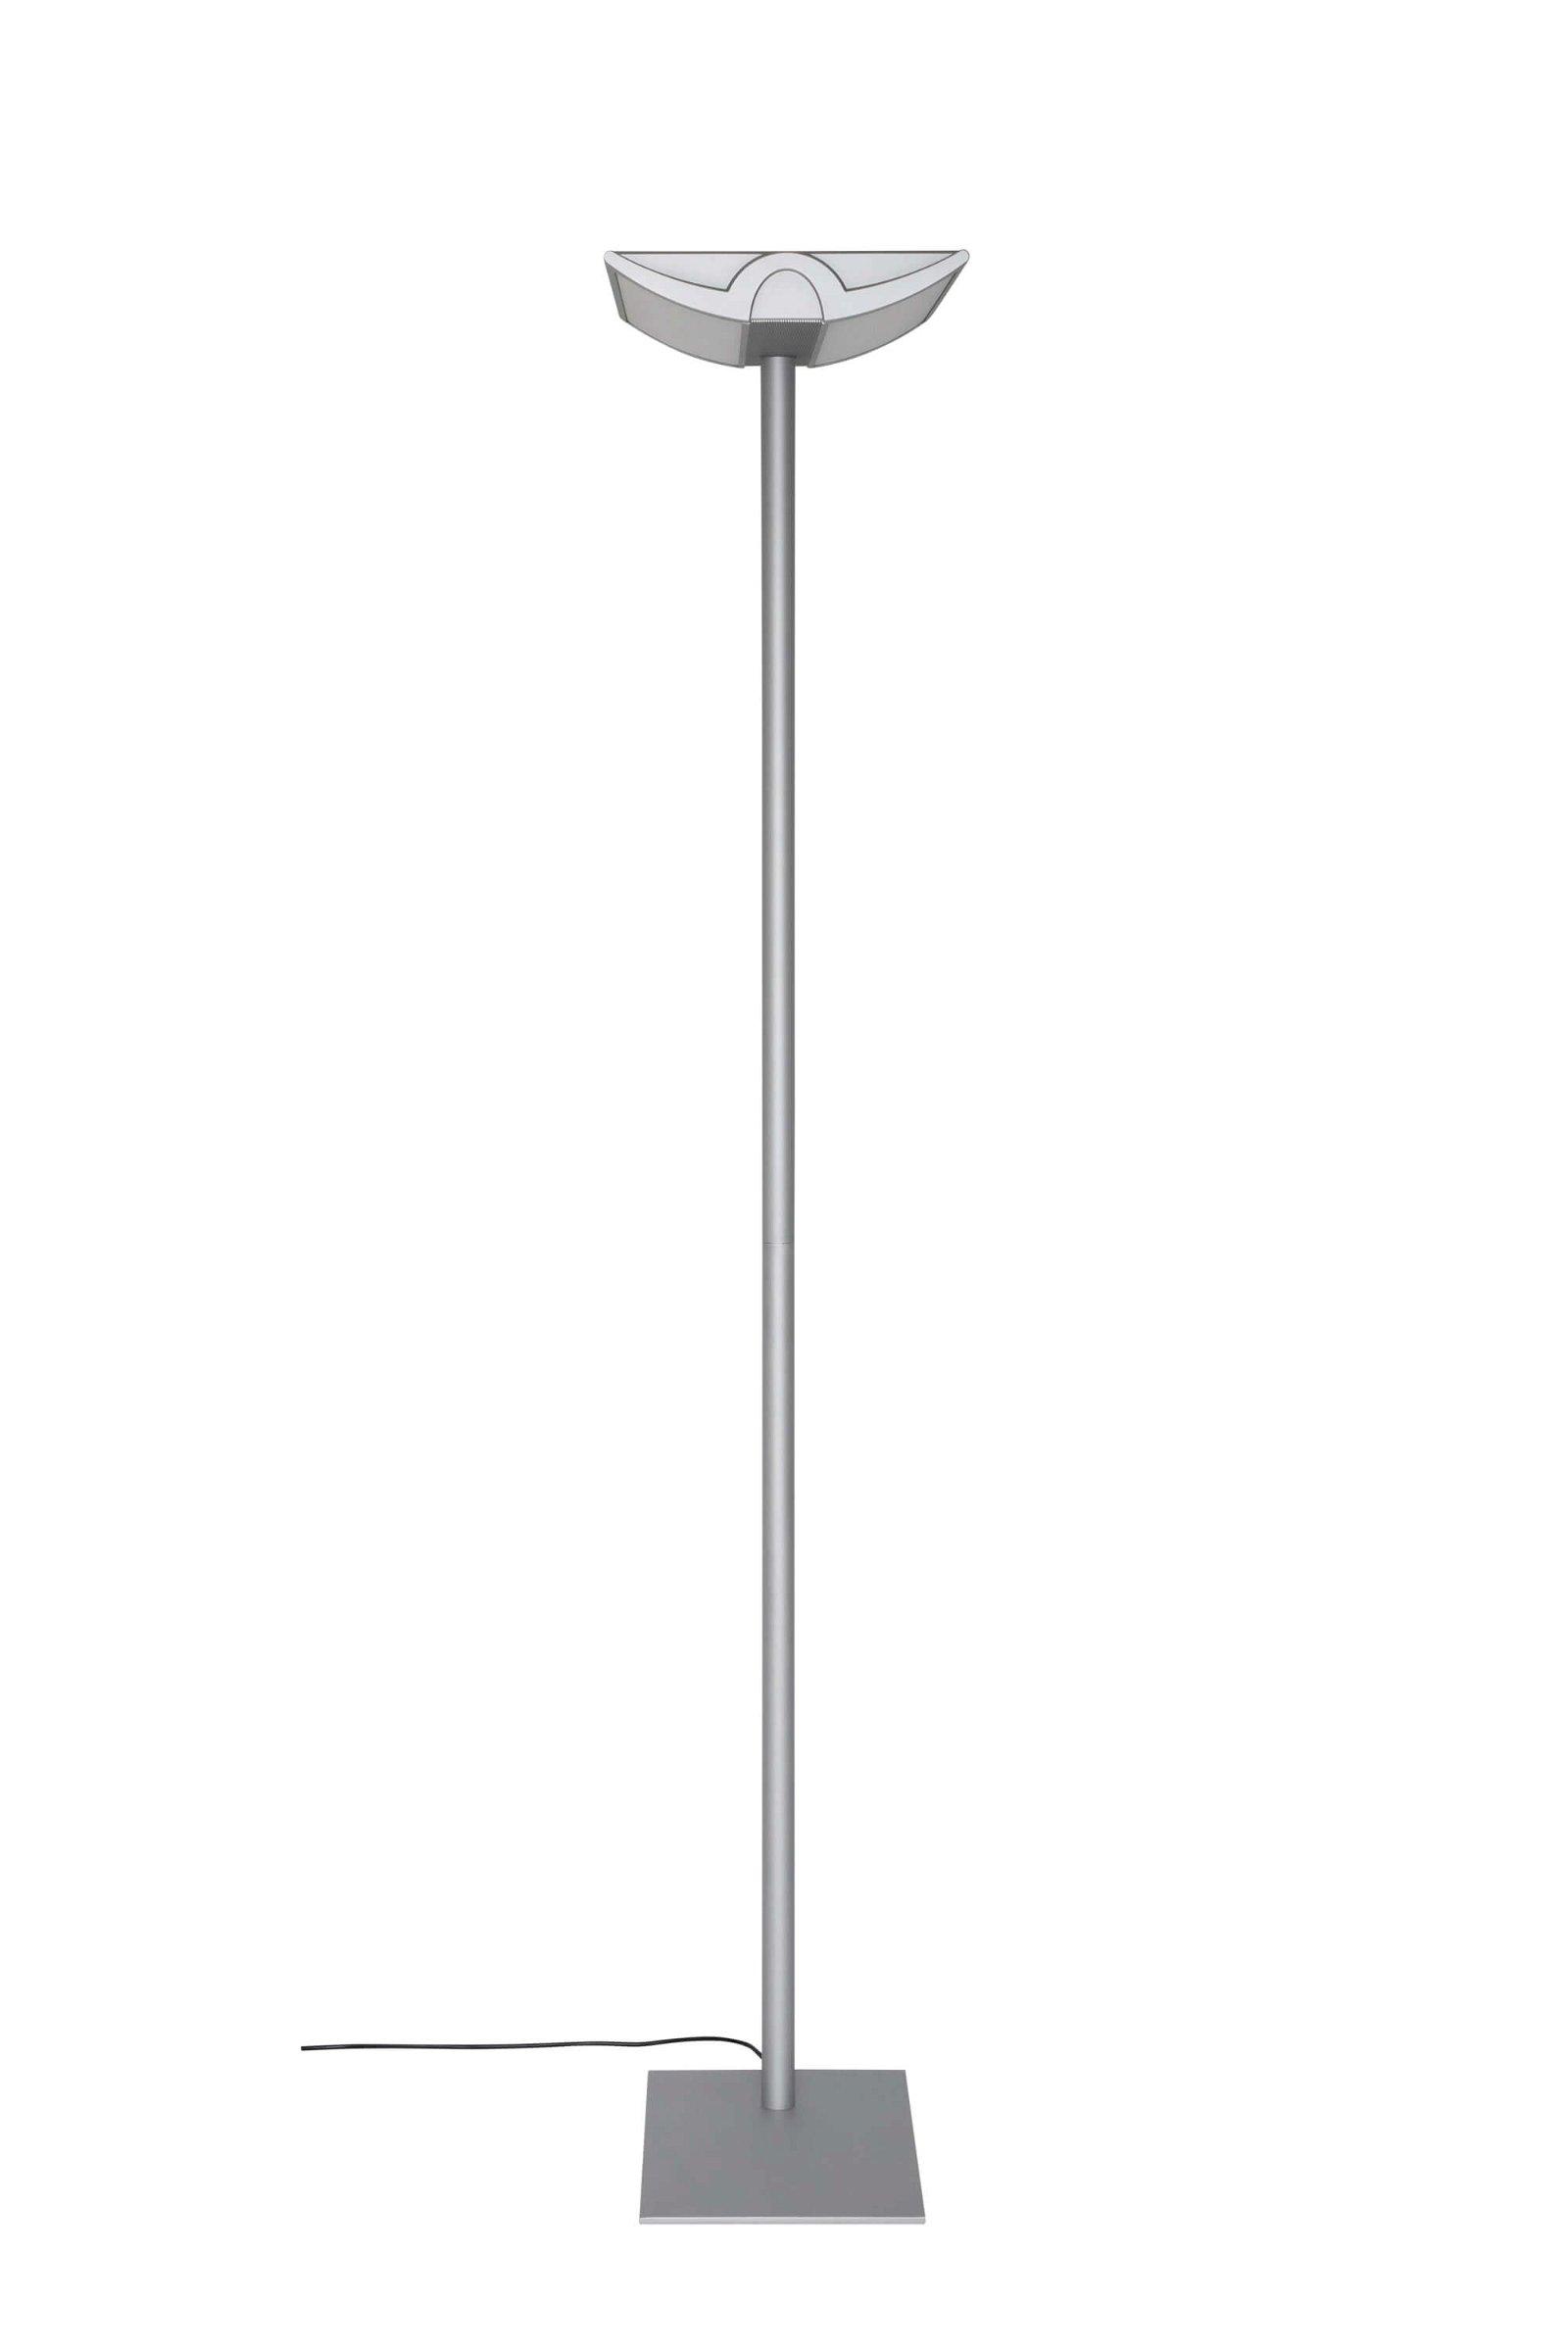 Energiespar-Standleuchte MAULcentauri, dimmbar, silber